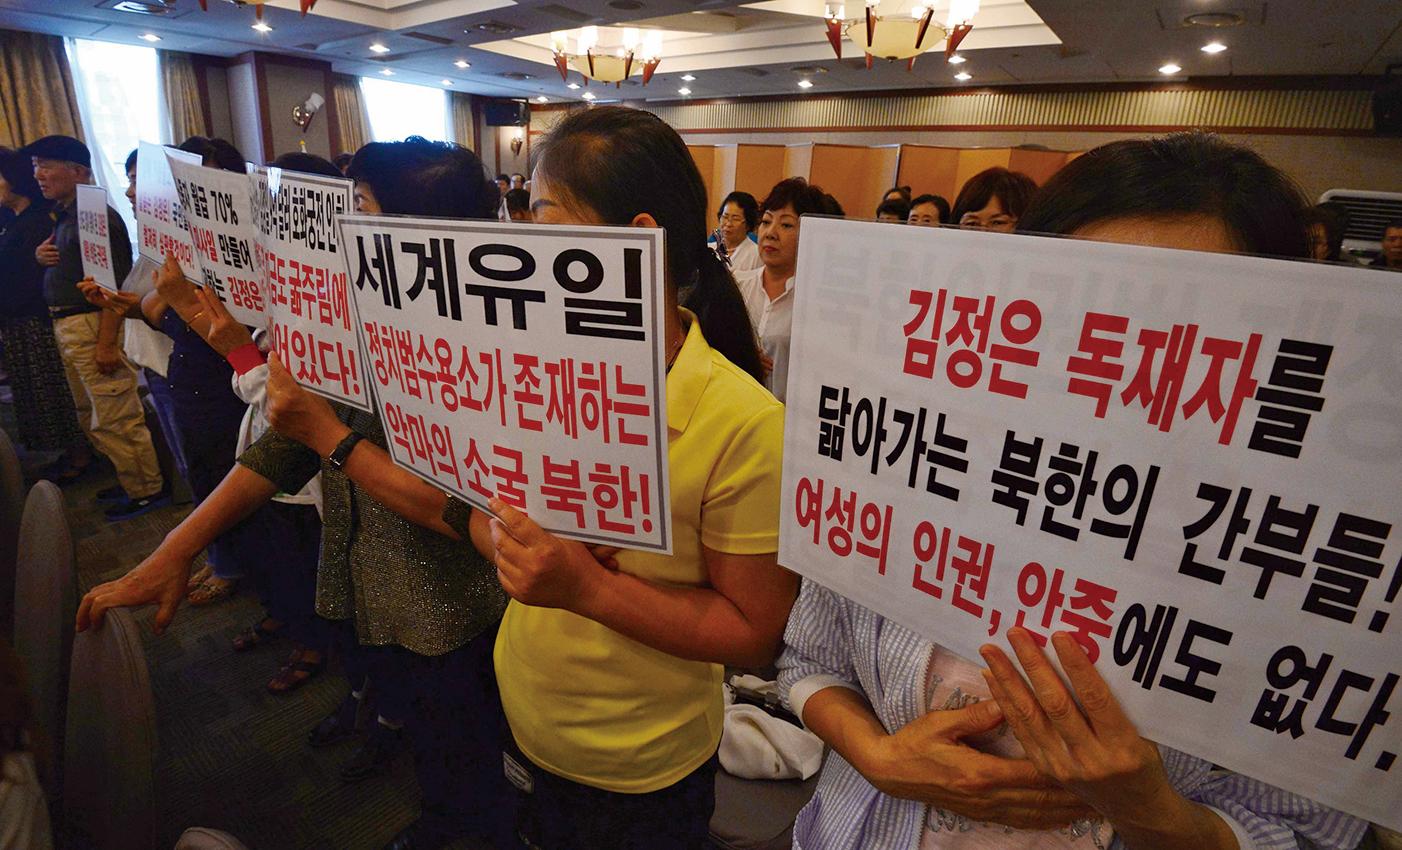 圖為去年9月19日在首爾新聞中心為實施北韓人權法而舉辦的團體聯合會成立儀式上,脫北者團體譴責金正恩政權的情景。(newsis)